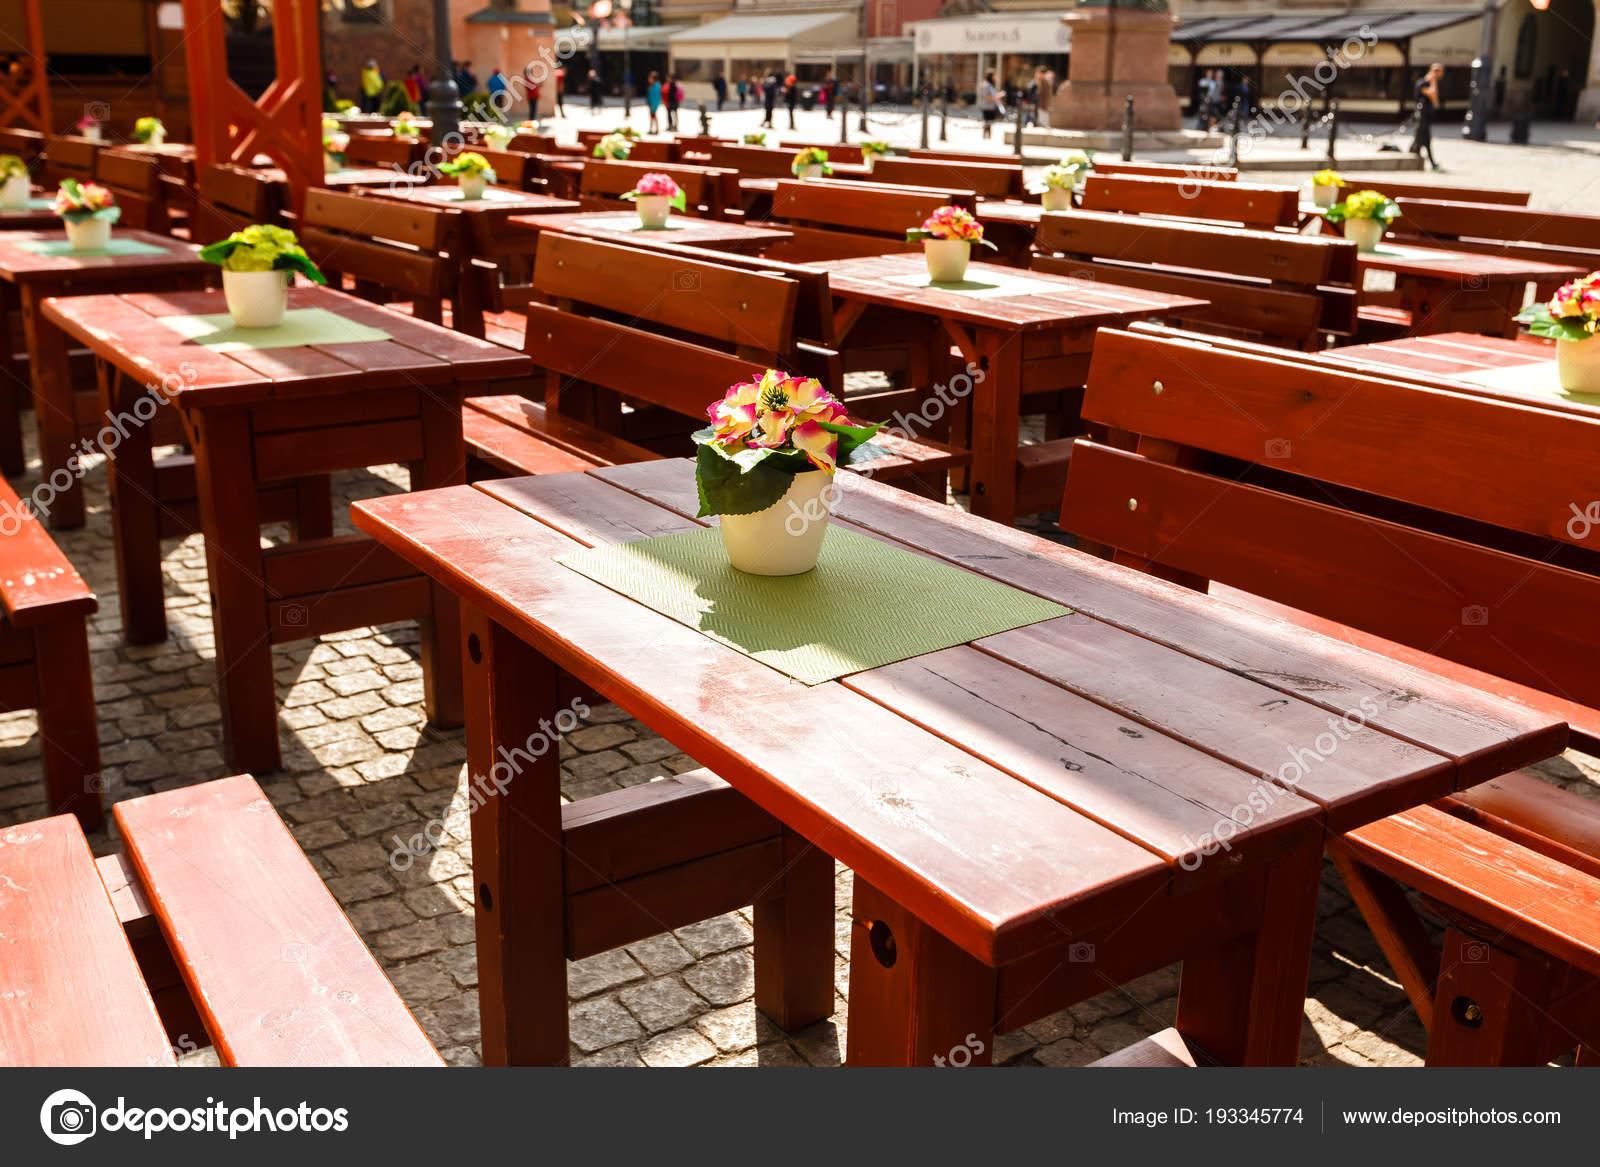 Grote Houten Tafels : Lege grote houten tafels en banken op bestrating stenen in een café